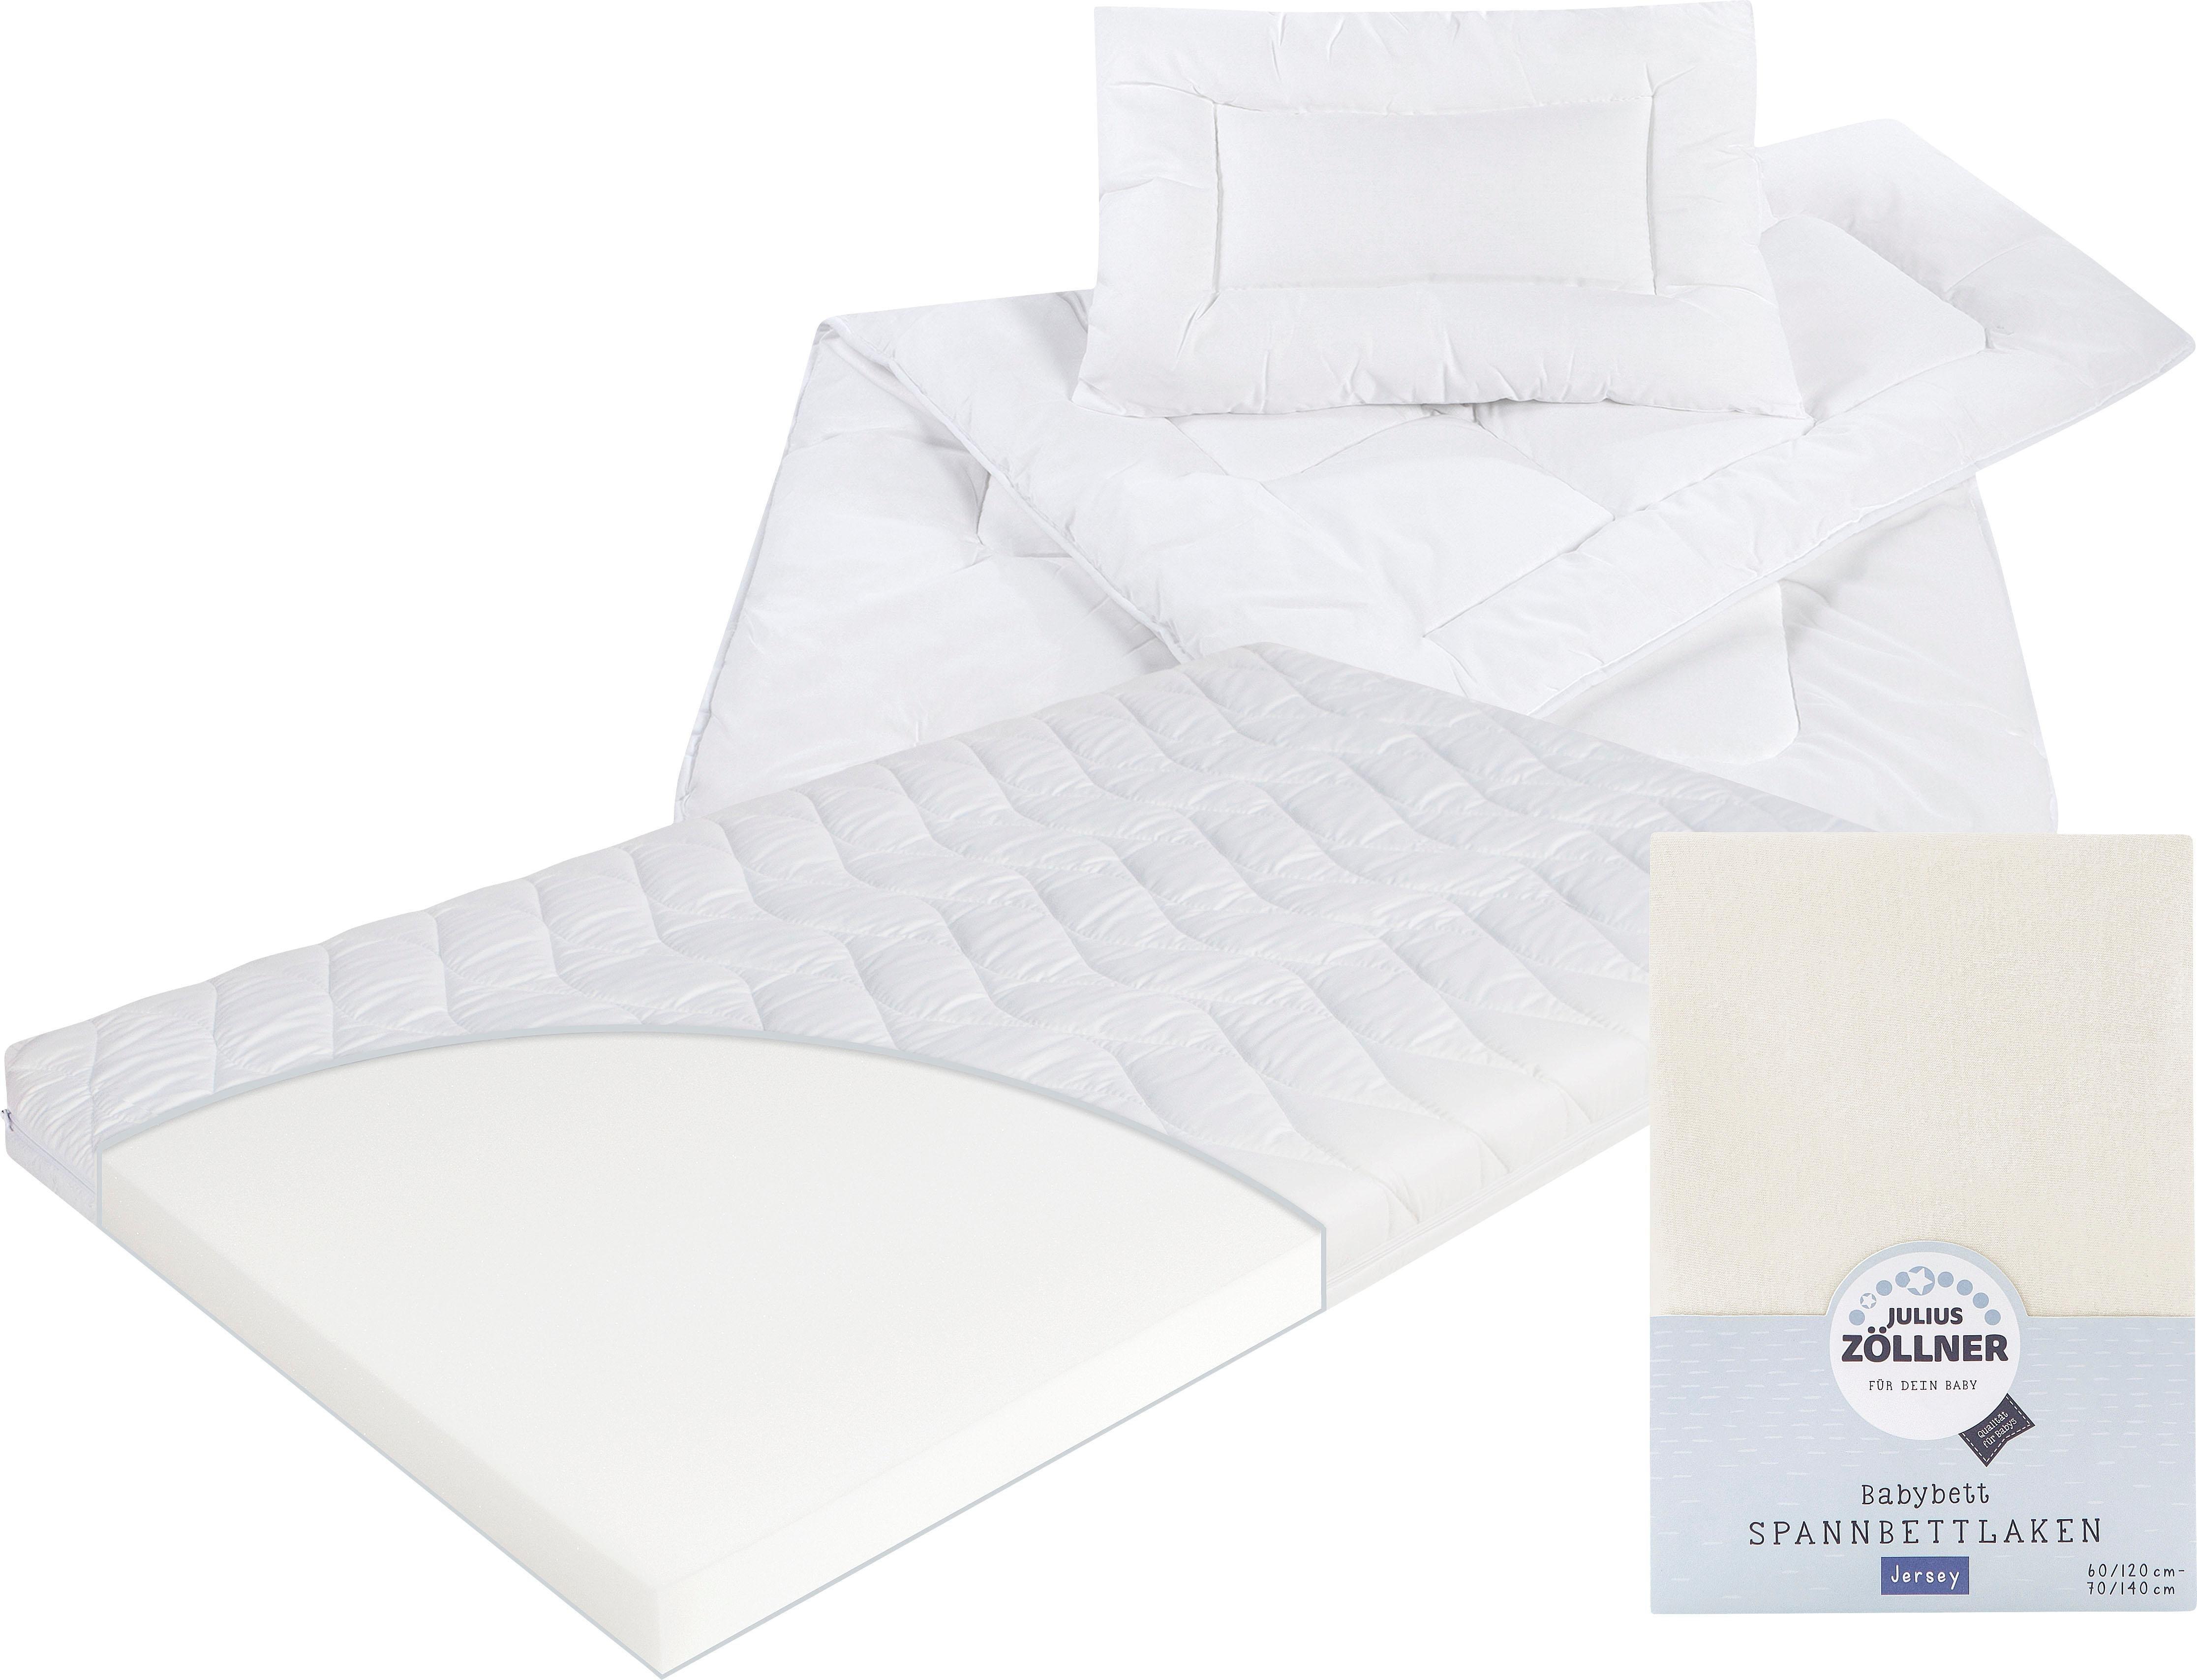 Set: Matratze für Babys & Kleinkinder, Decken-Set & Spannbetttuch, »Kombi Jan«, Zöllner (4-tlg.), 10 cm hoch | Kinderzimmer > Textilien für Kinder > Kinderbettwäsche | Zöllner